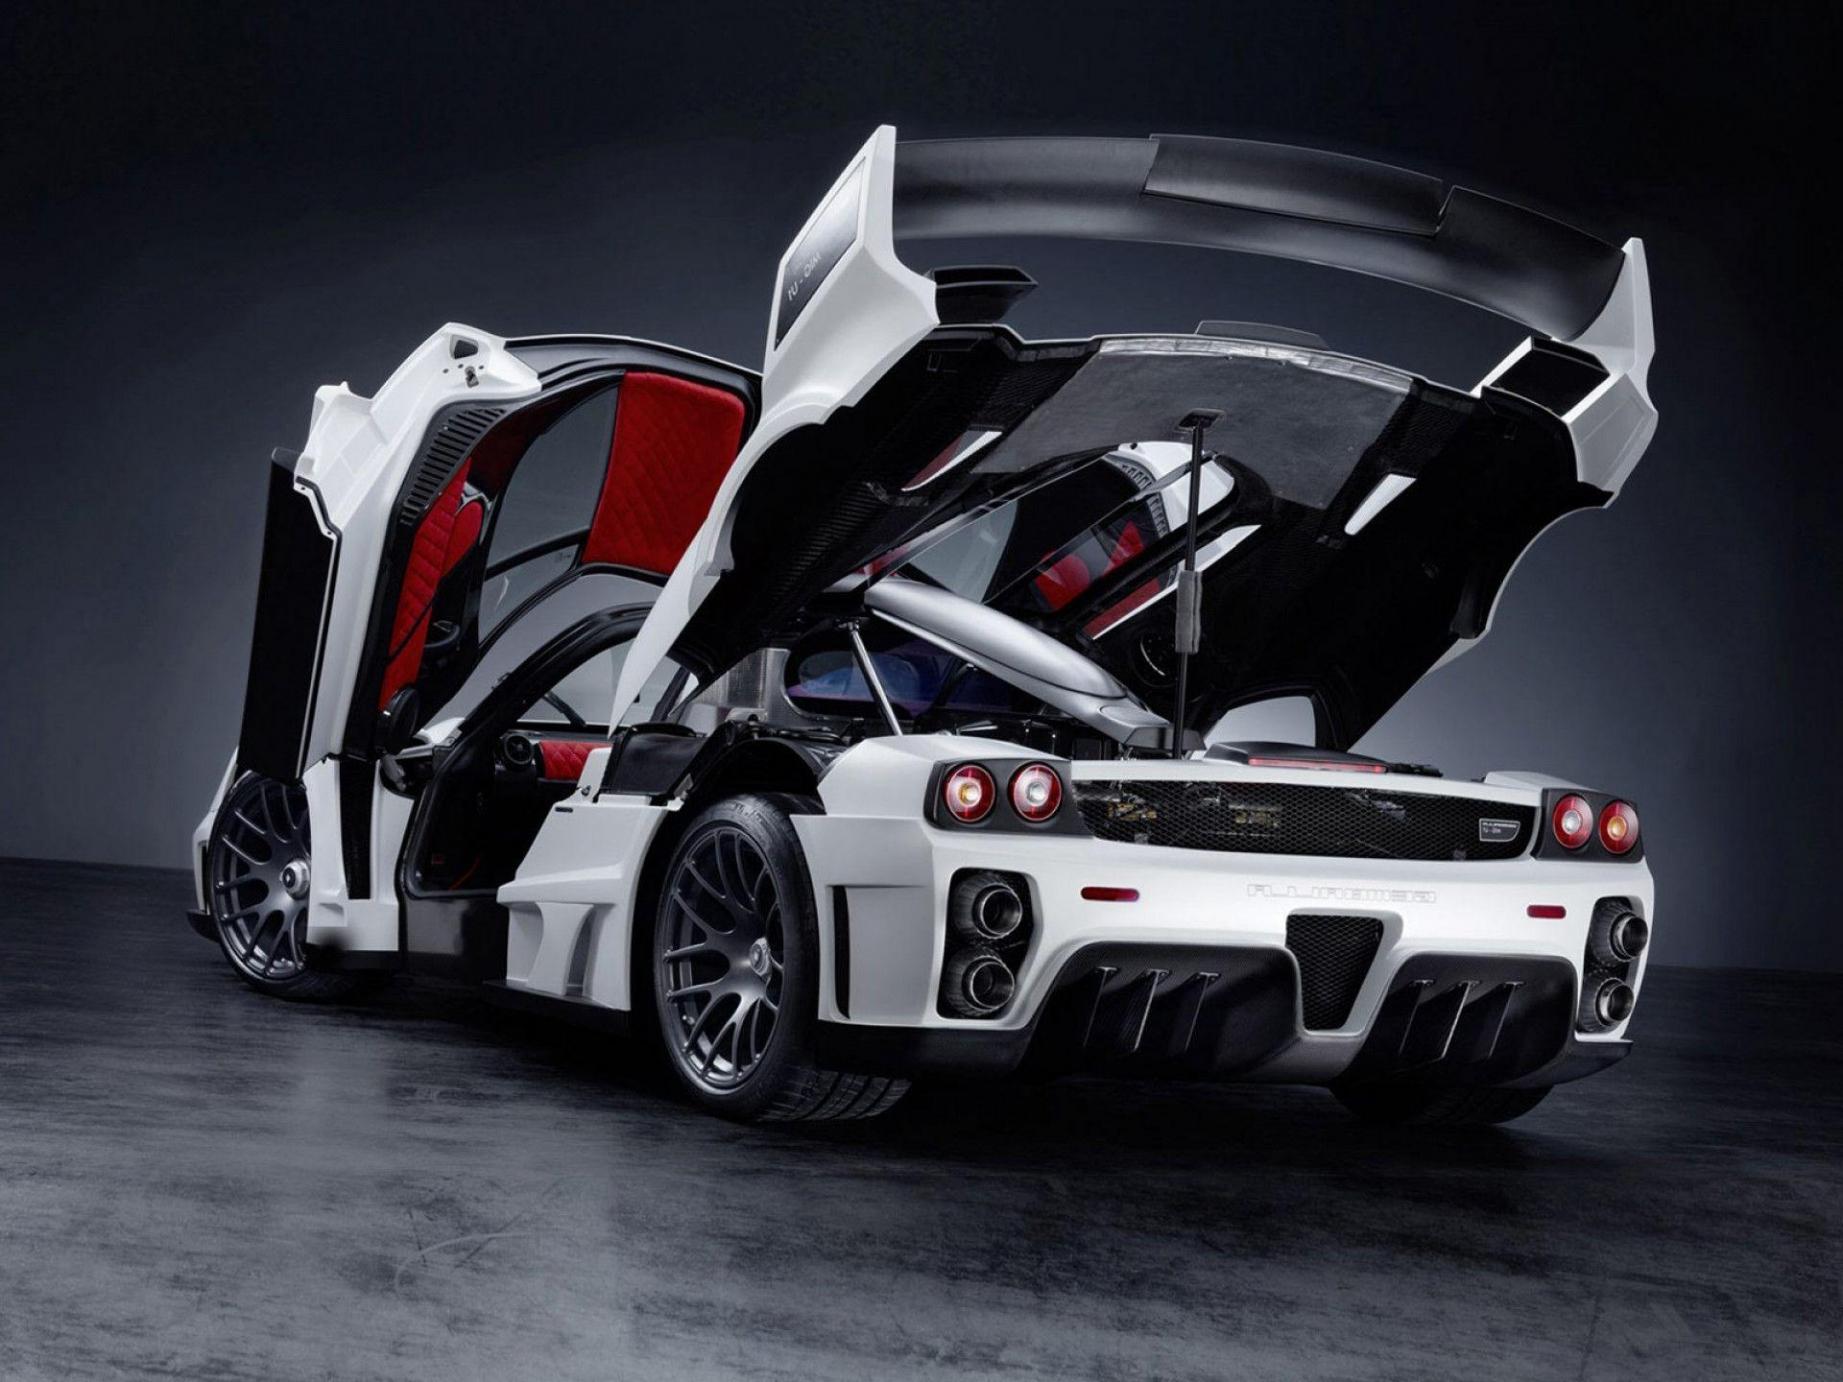 Wallpaper Mobil Keren Modifikasi Kumpulan Gambar Modifikasi - Lamborghini Aventador Full Modif , HD Wallpaper & Backgrounds